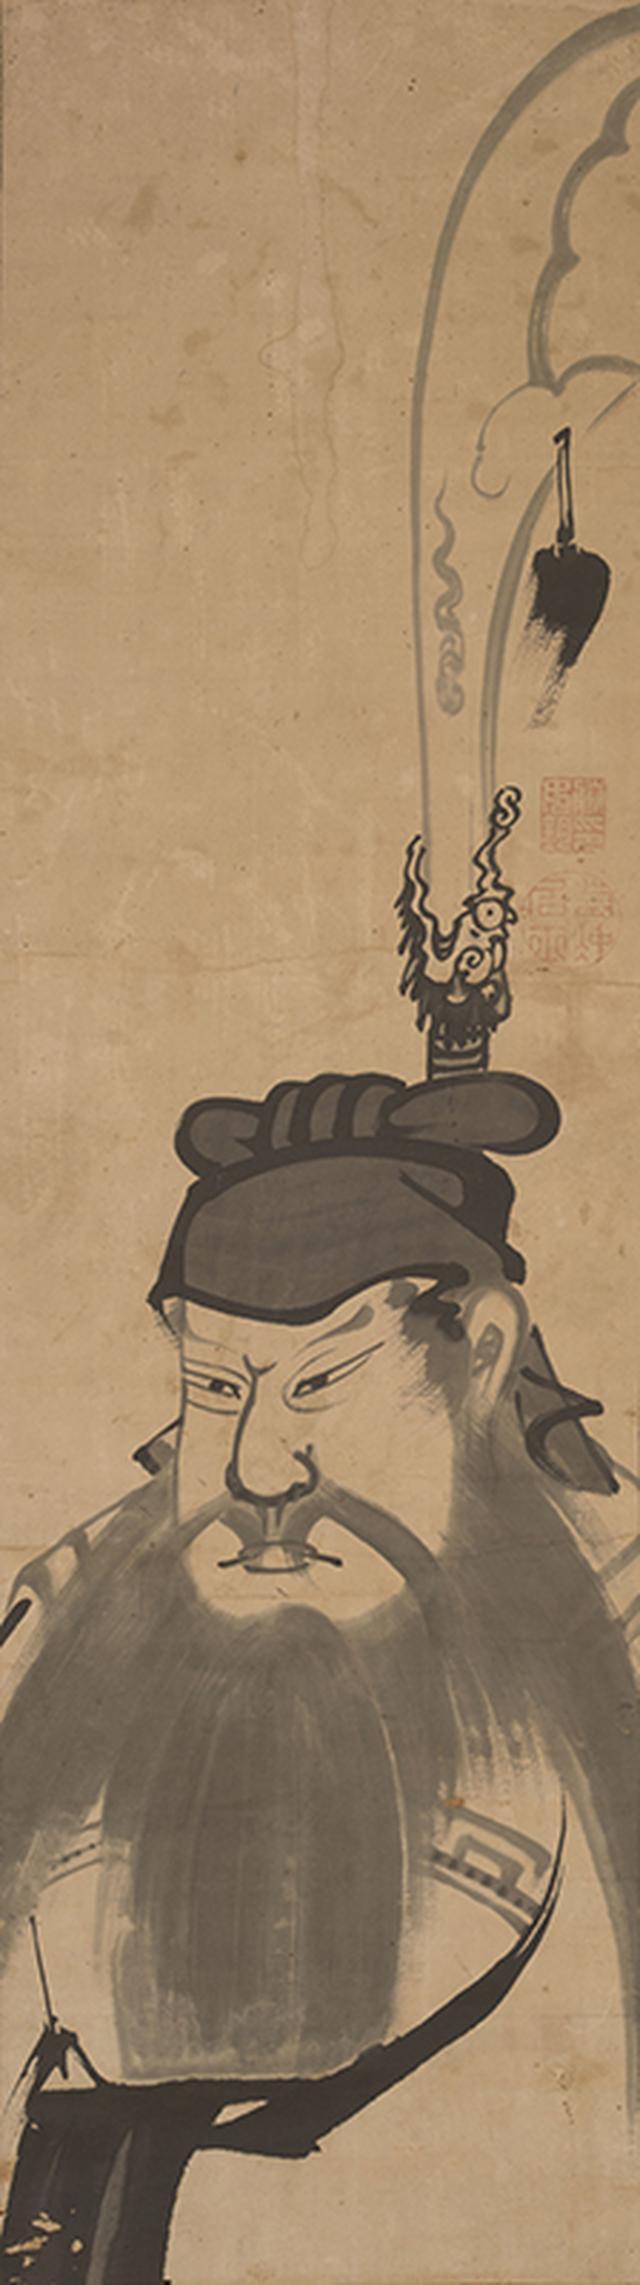 画像: 《関羽図》紙本墨画 個人蔵